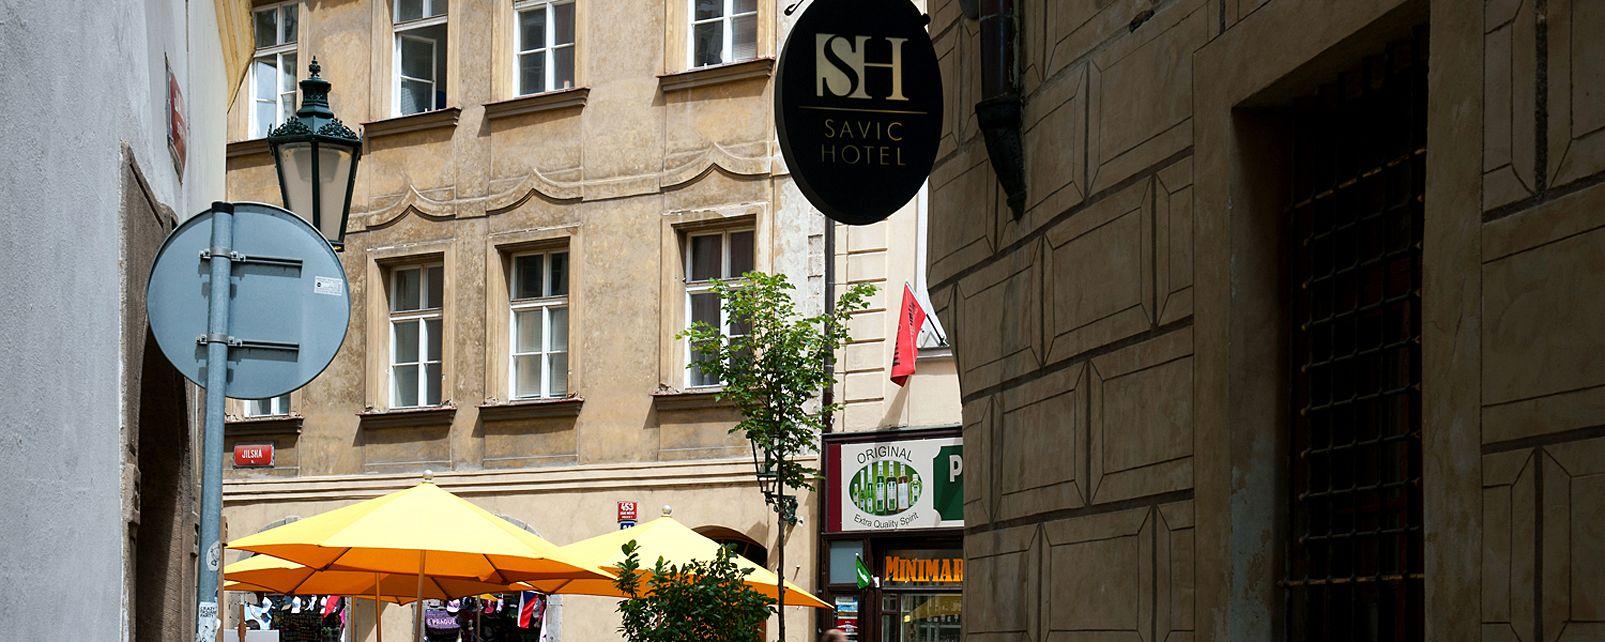 Hôtel Savic